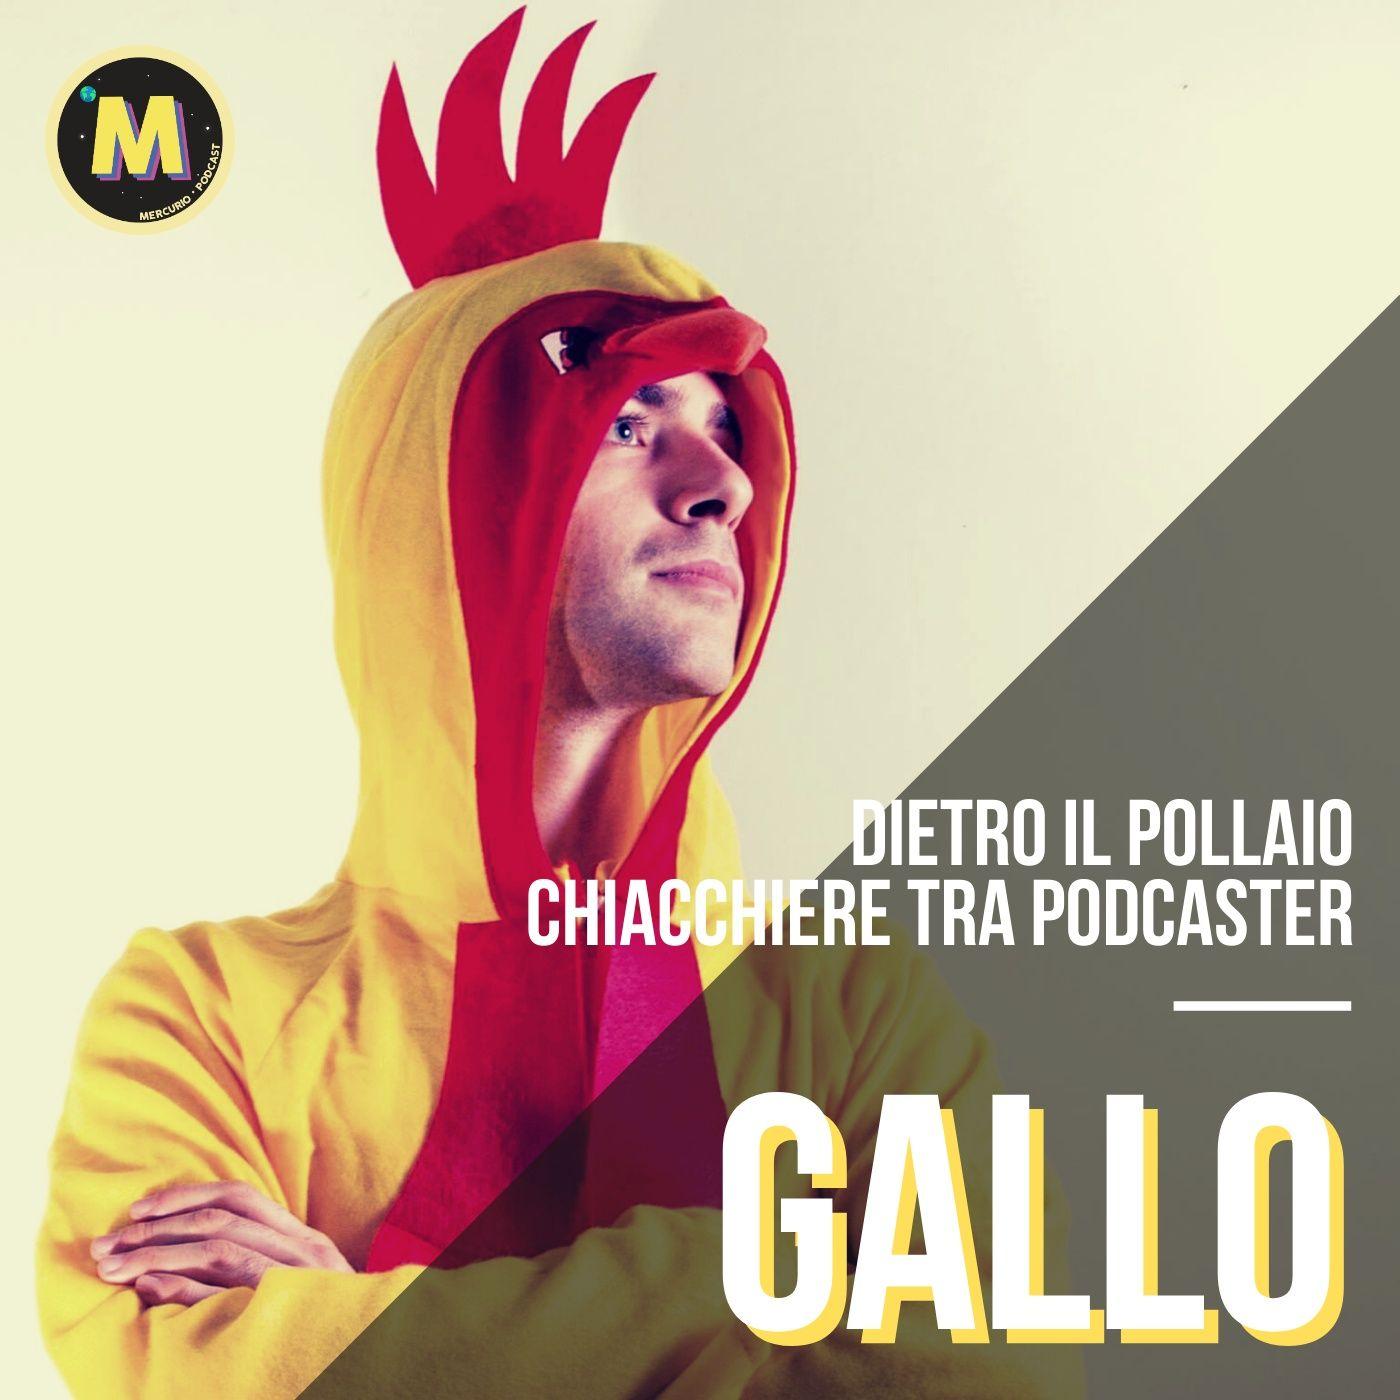 #11 - Dietro Il Pollaio, chiacchiere tra podcaster   con il Gallo